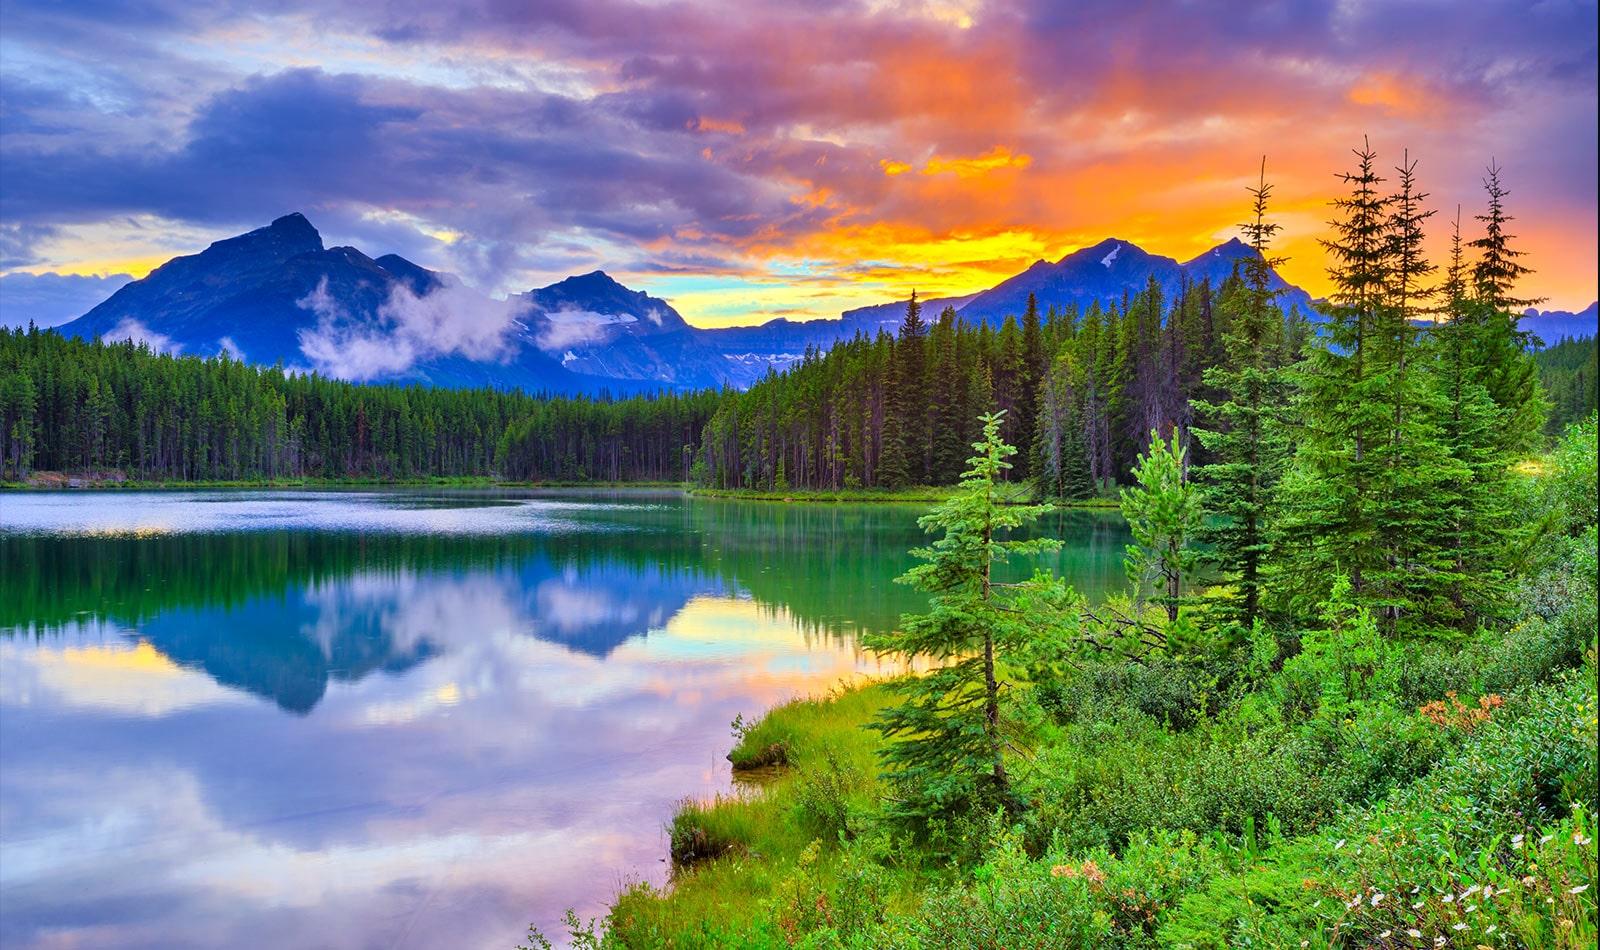 บัตรนี้อธิบายคุณภาพรูปภาพ เป็นรูปภาพดวงอาทิตย์ตกดินที่มีสีสันหลากหลายในทะเลสาบที่แวดล้อมไปด้วยป่า